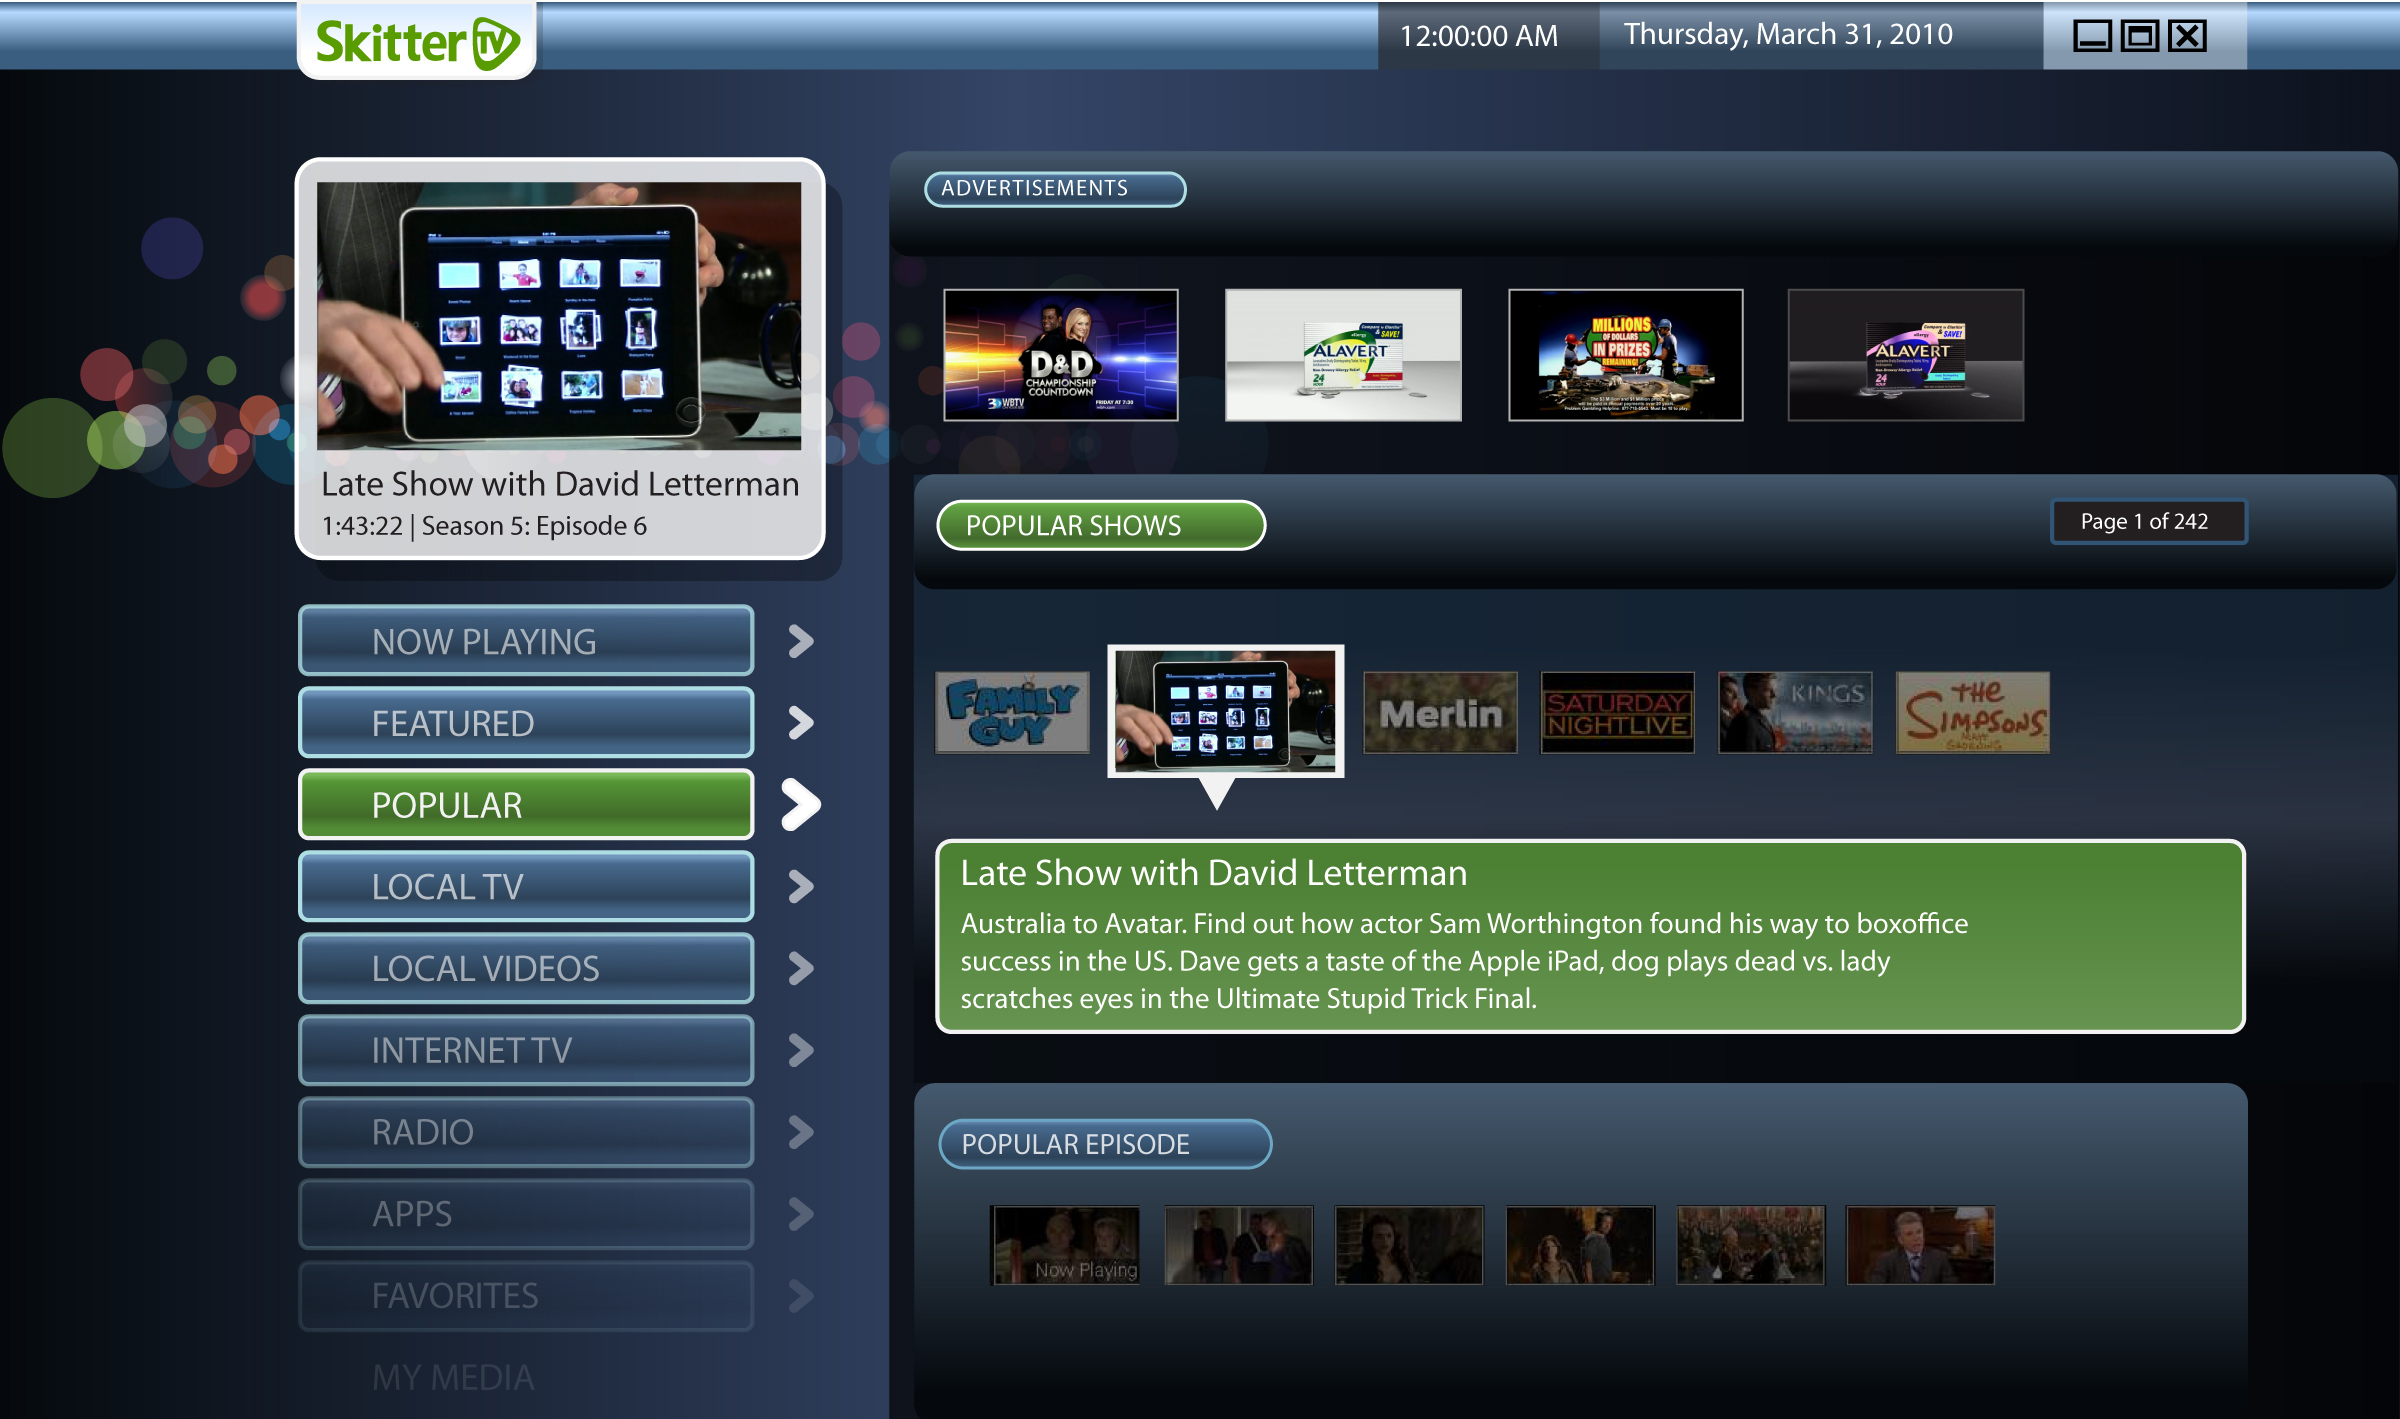 SkitterTV Main menu